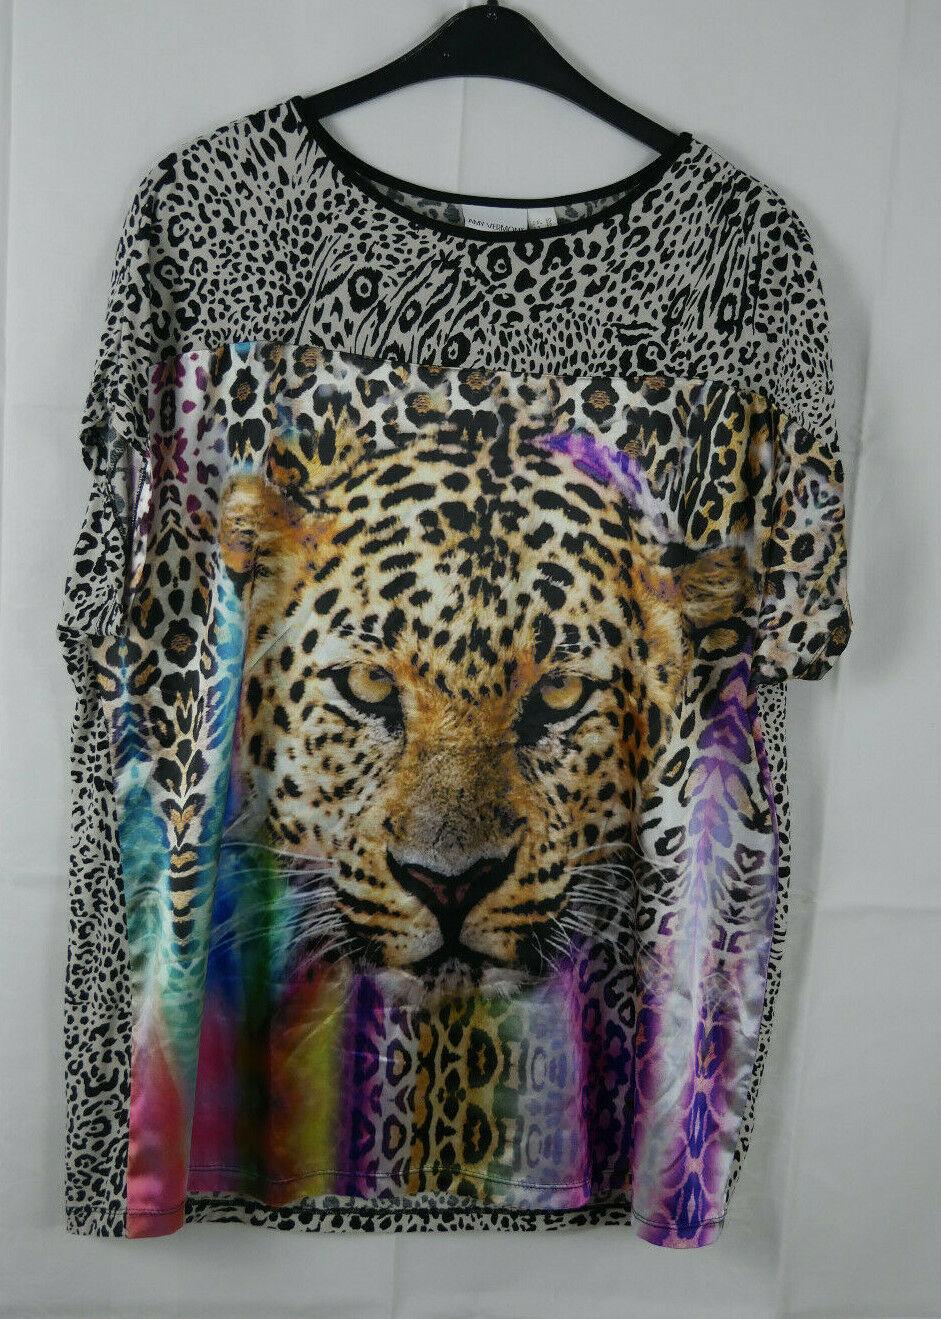 Damen AMY VERMONT Wunderschönes Shirt Leopard Größe 48/50 TOP!